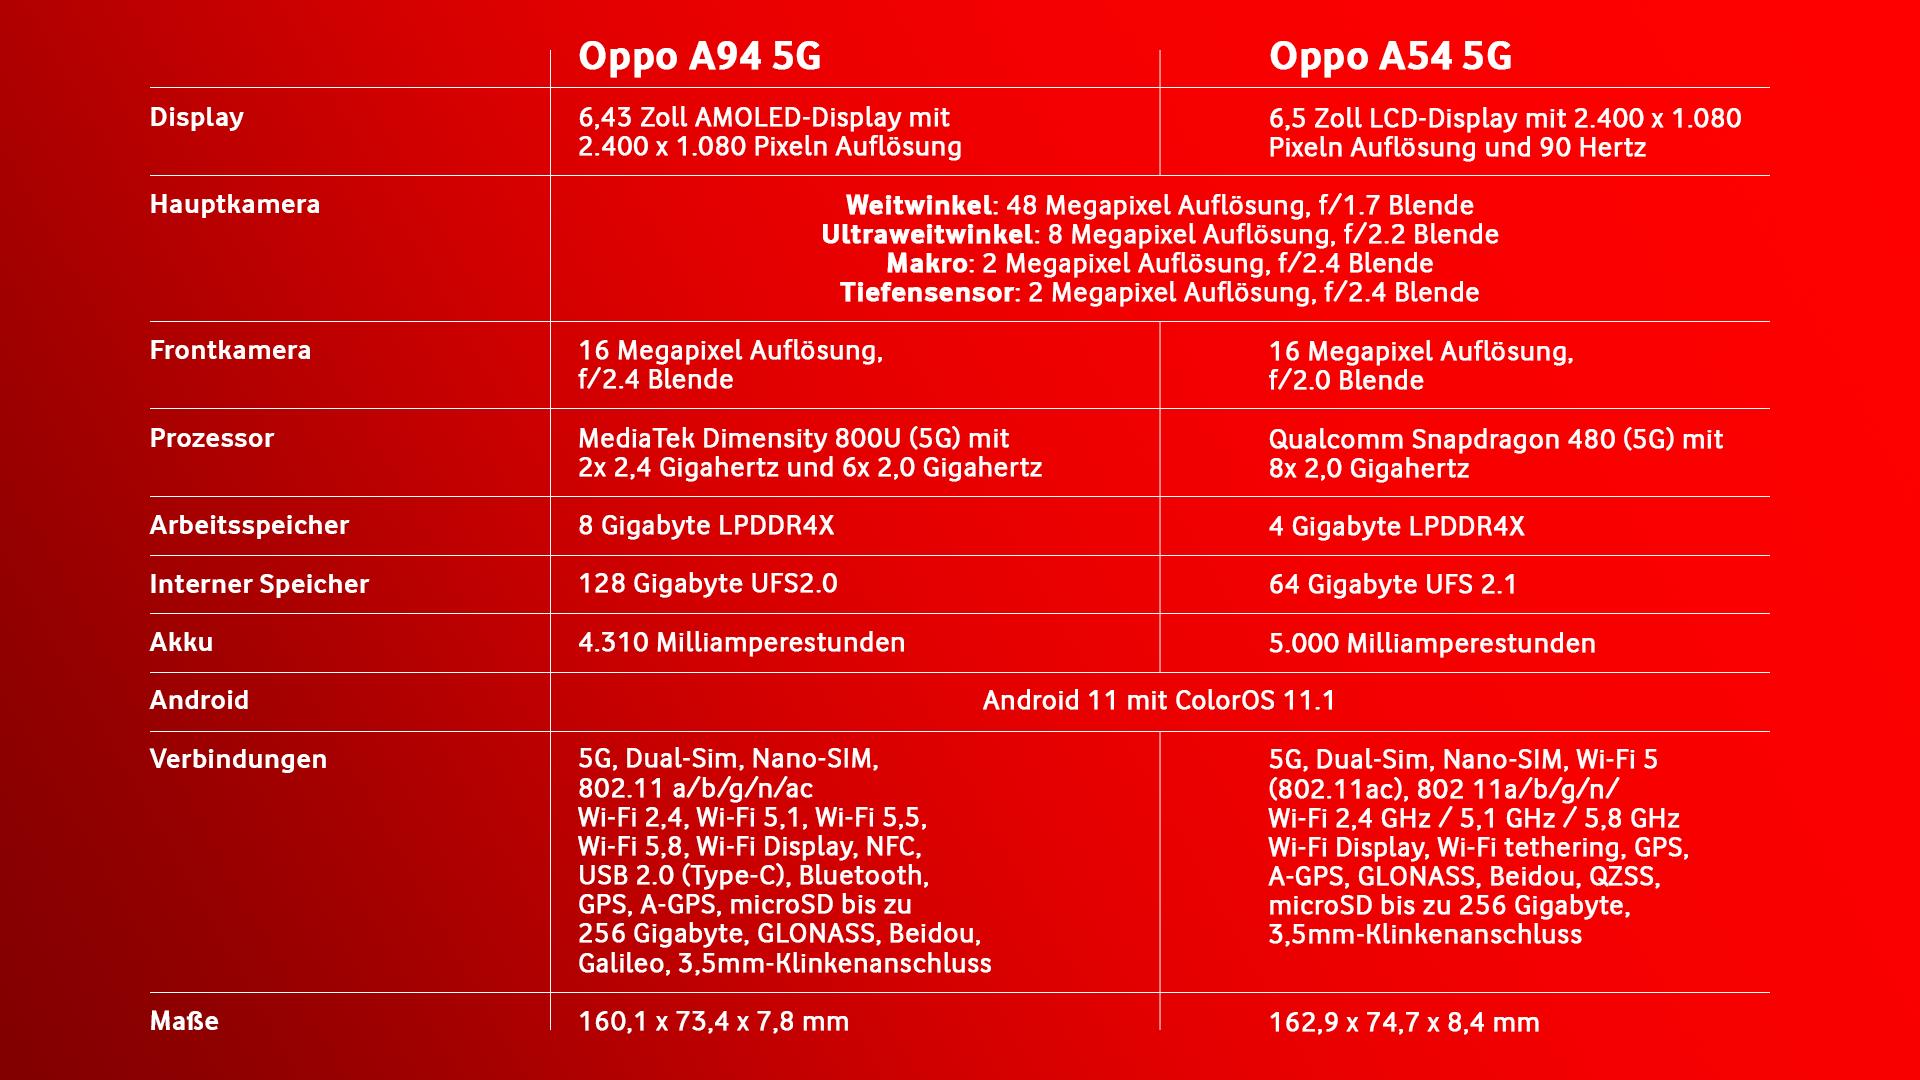 Die Datenangaben zum Oppo A94 5G und A54 5G.